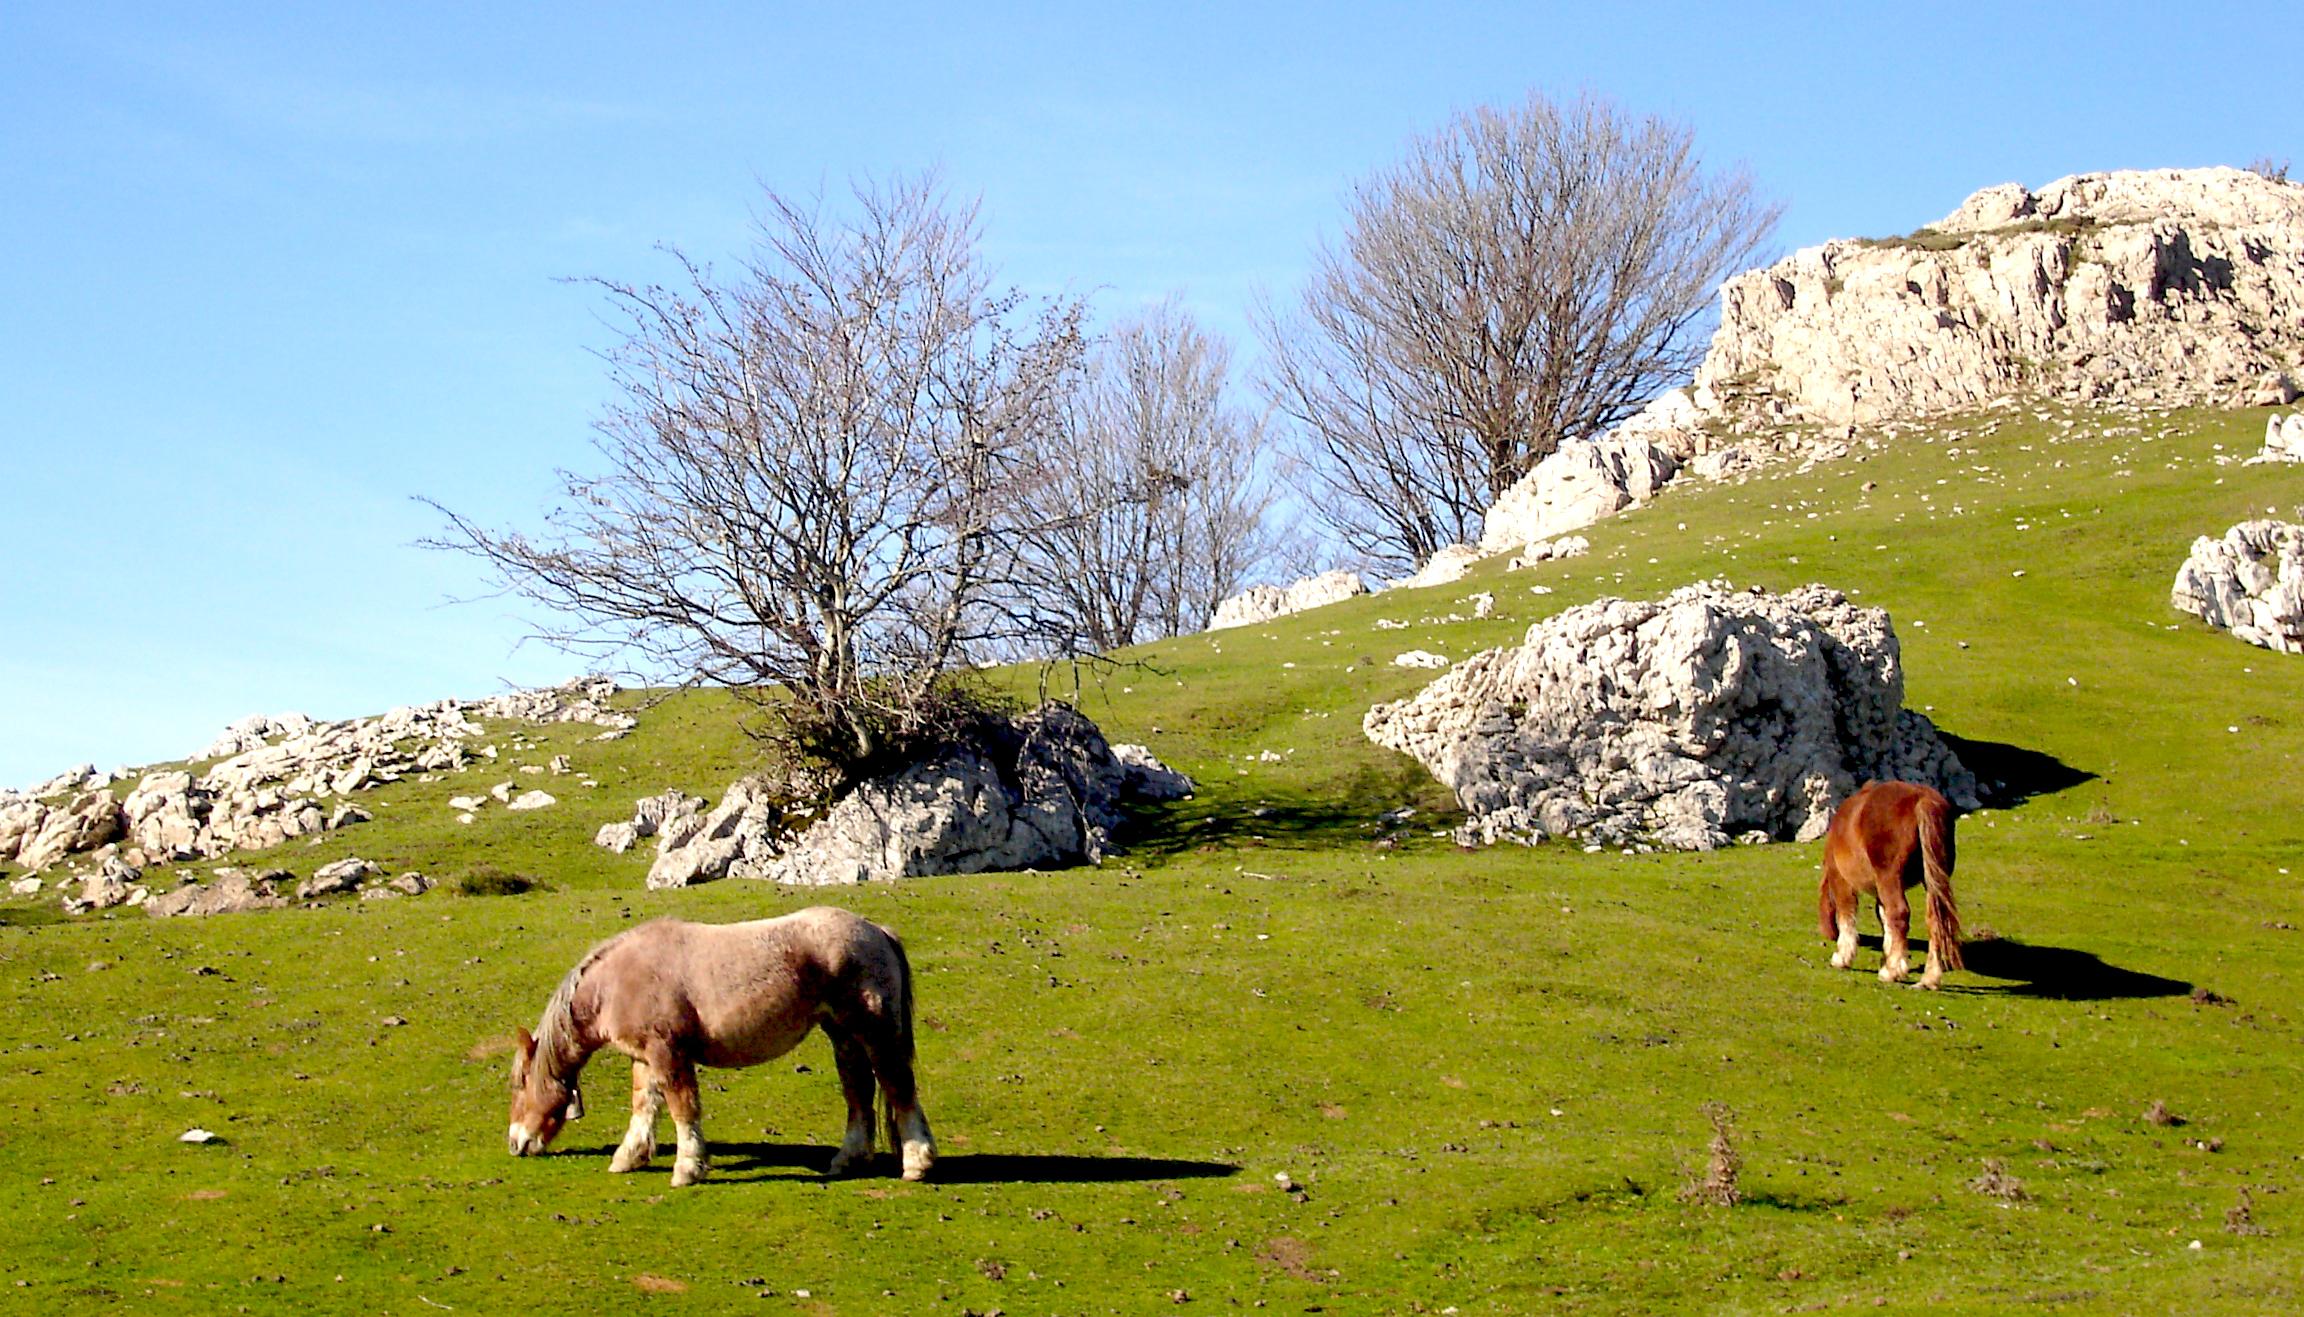 Aizkorri caballos - Parque natural de Aizkorri-Aratz-País Vasco-España